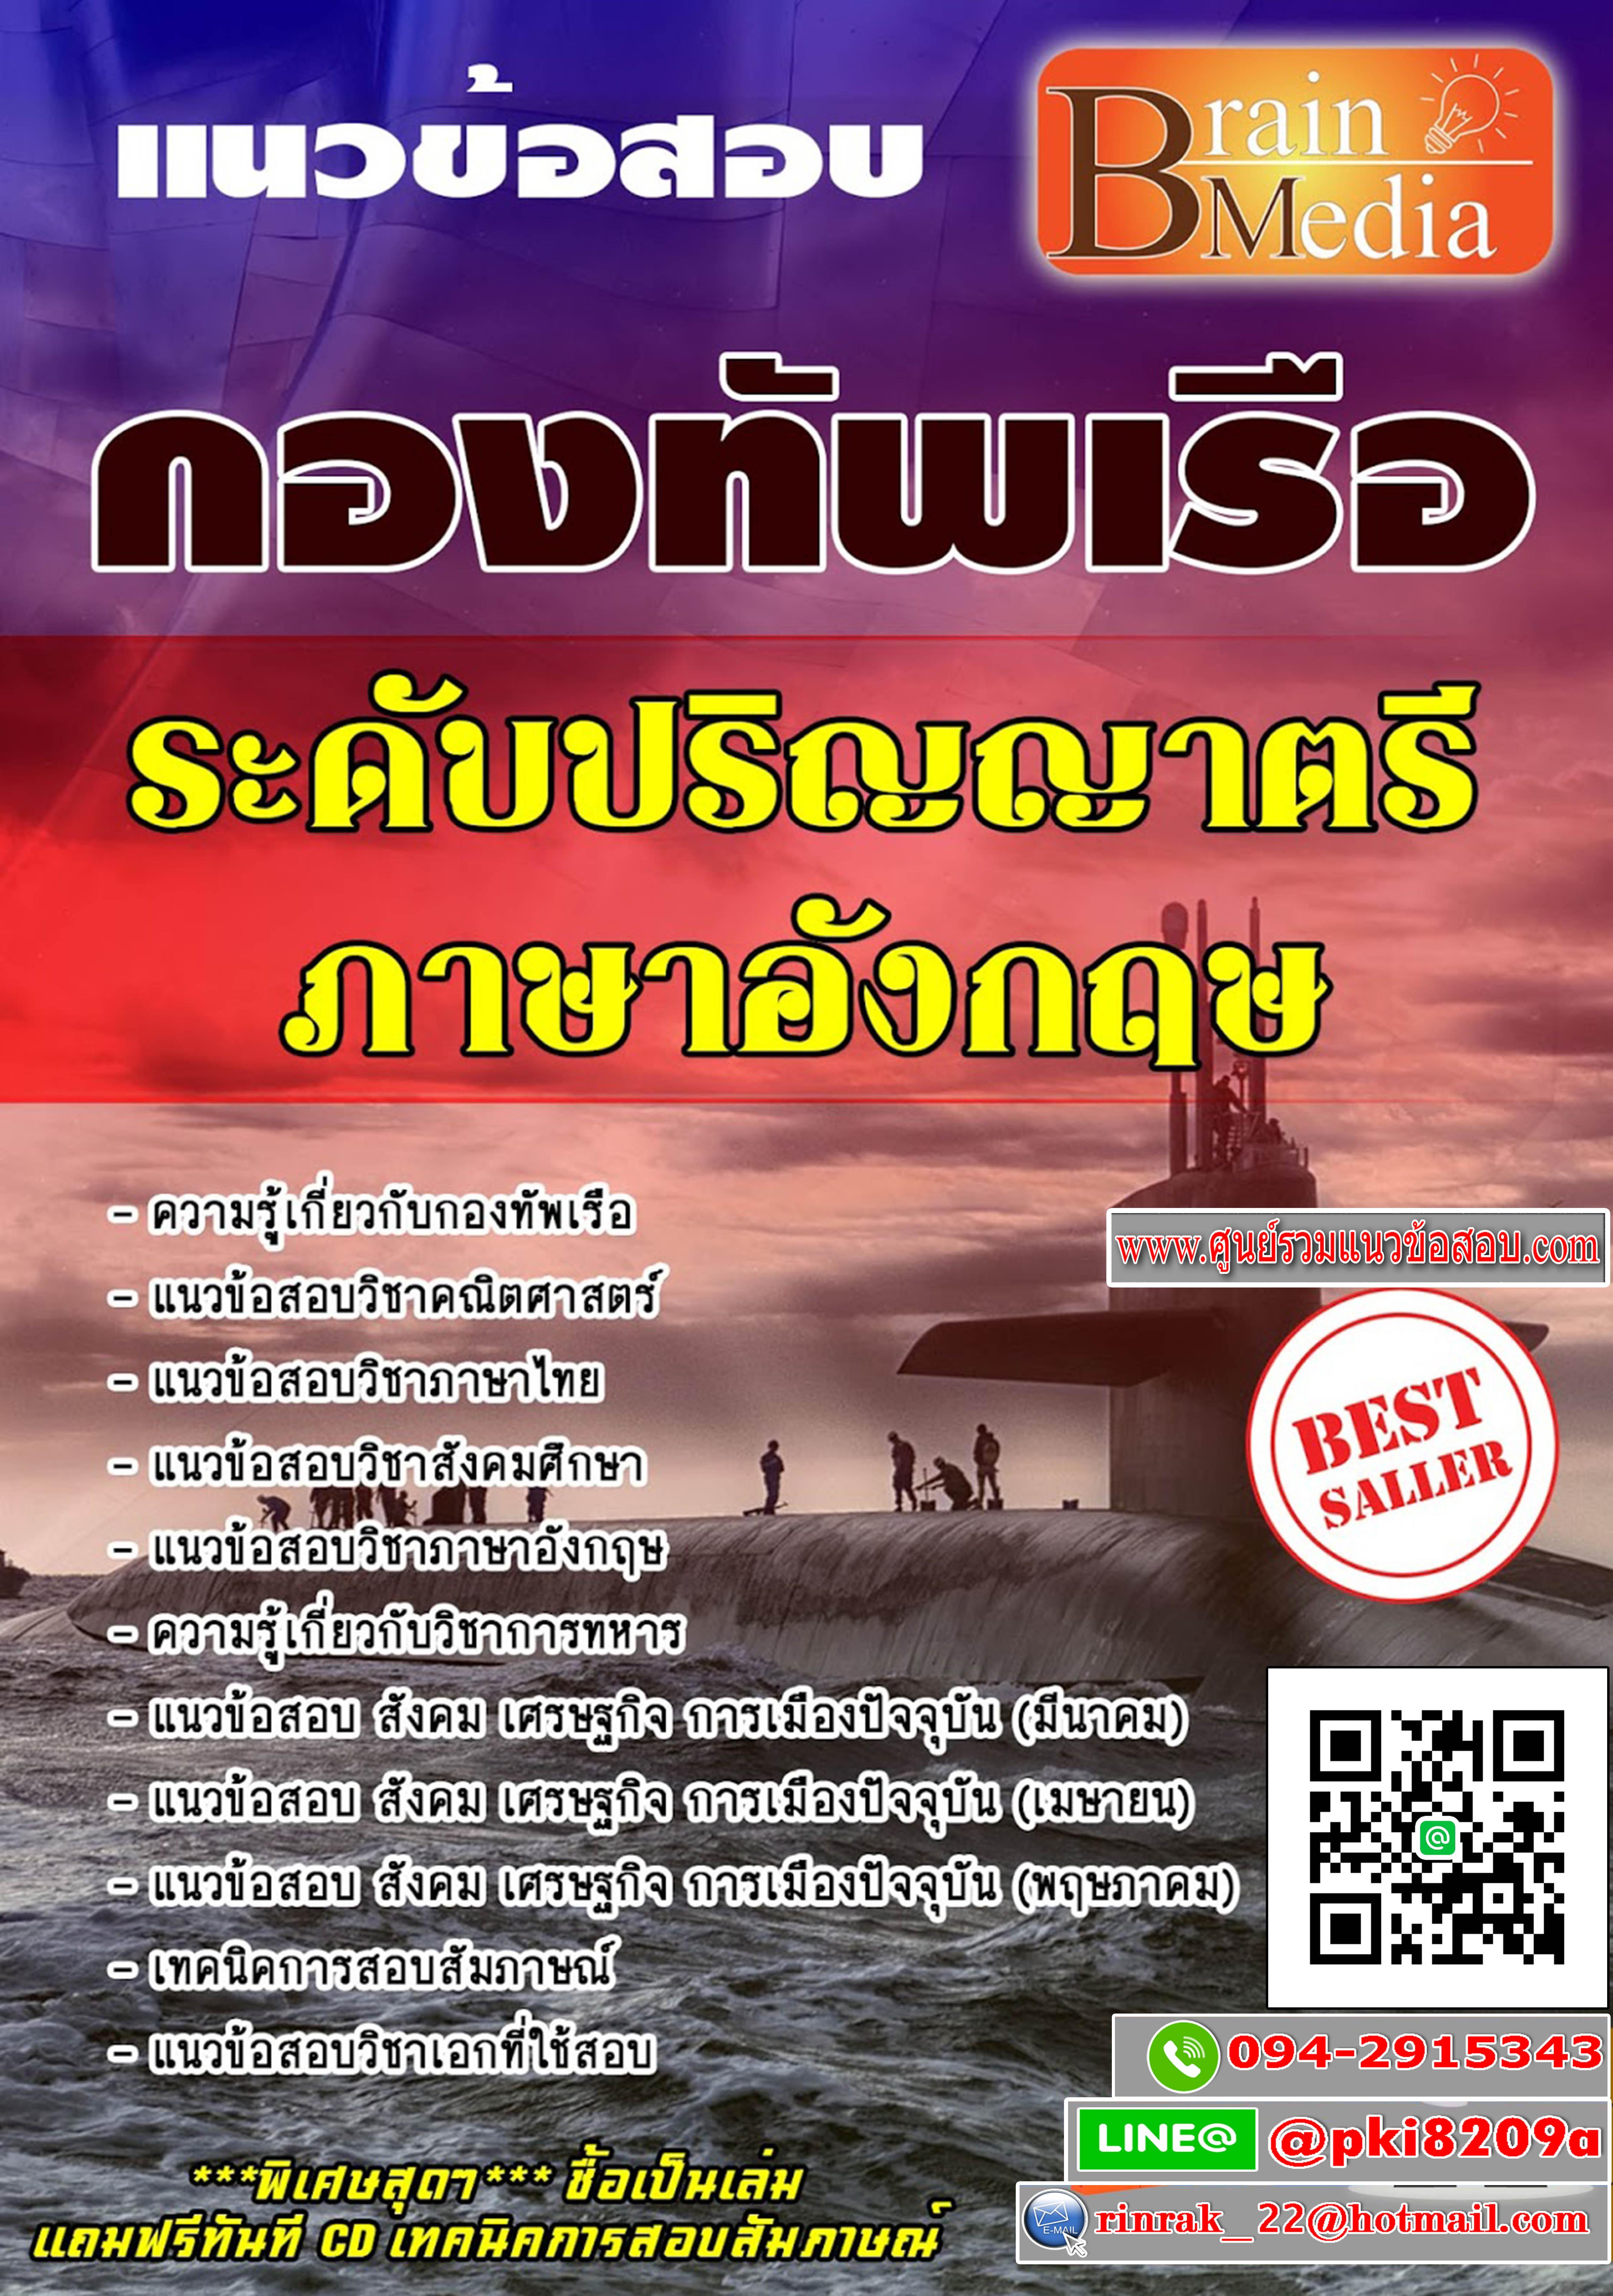 แนวข้อสอบ ระดับปริญญาตรี ภาษาอังกฤษ กองทัพเรือ